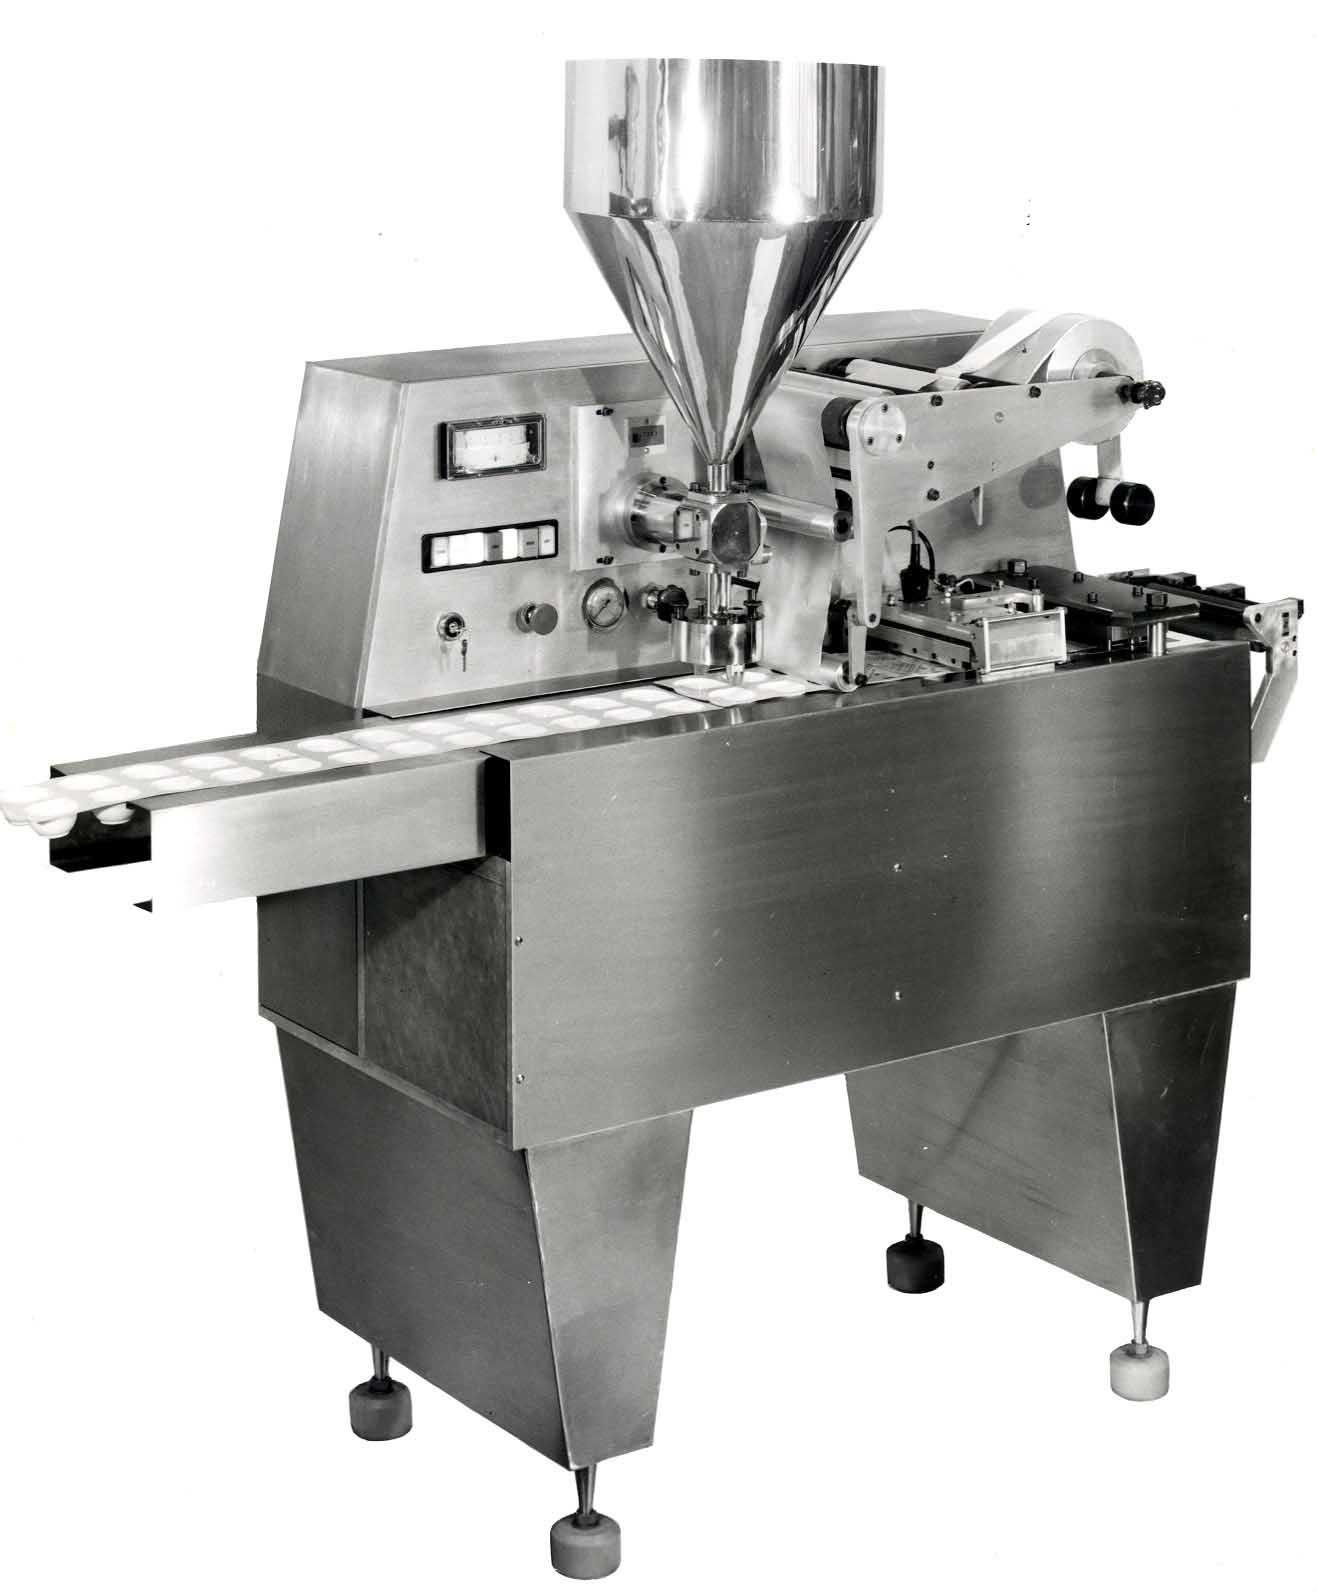 Machine 1970